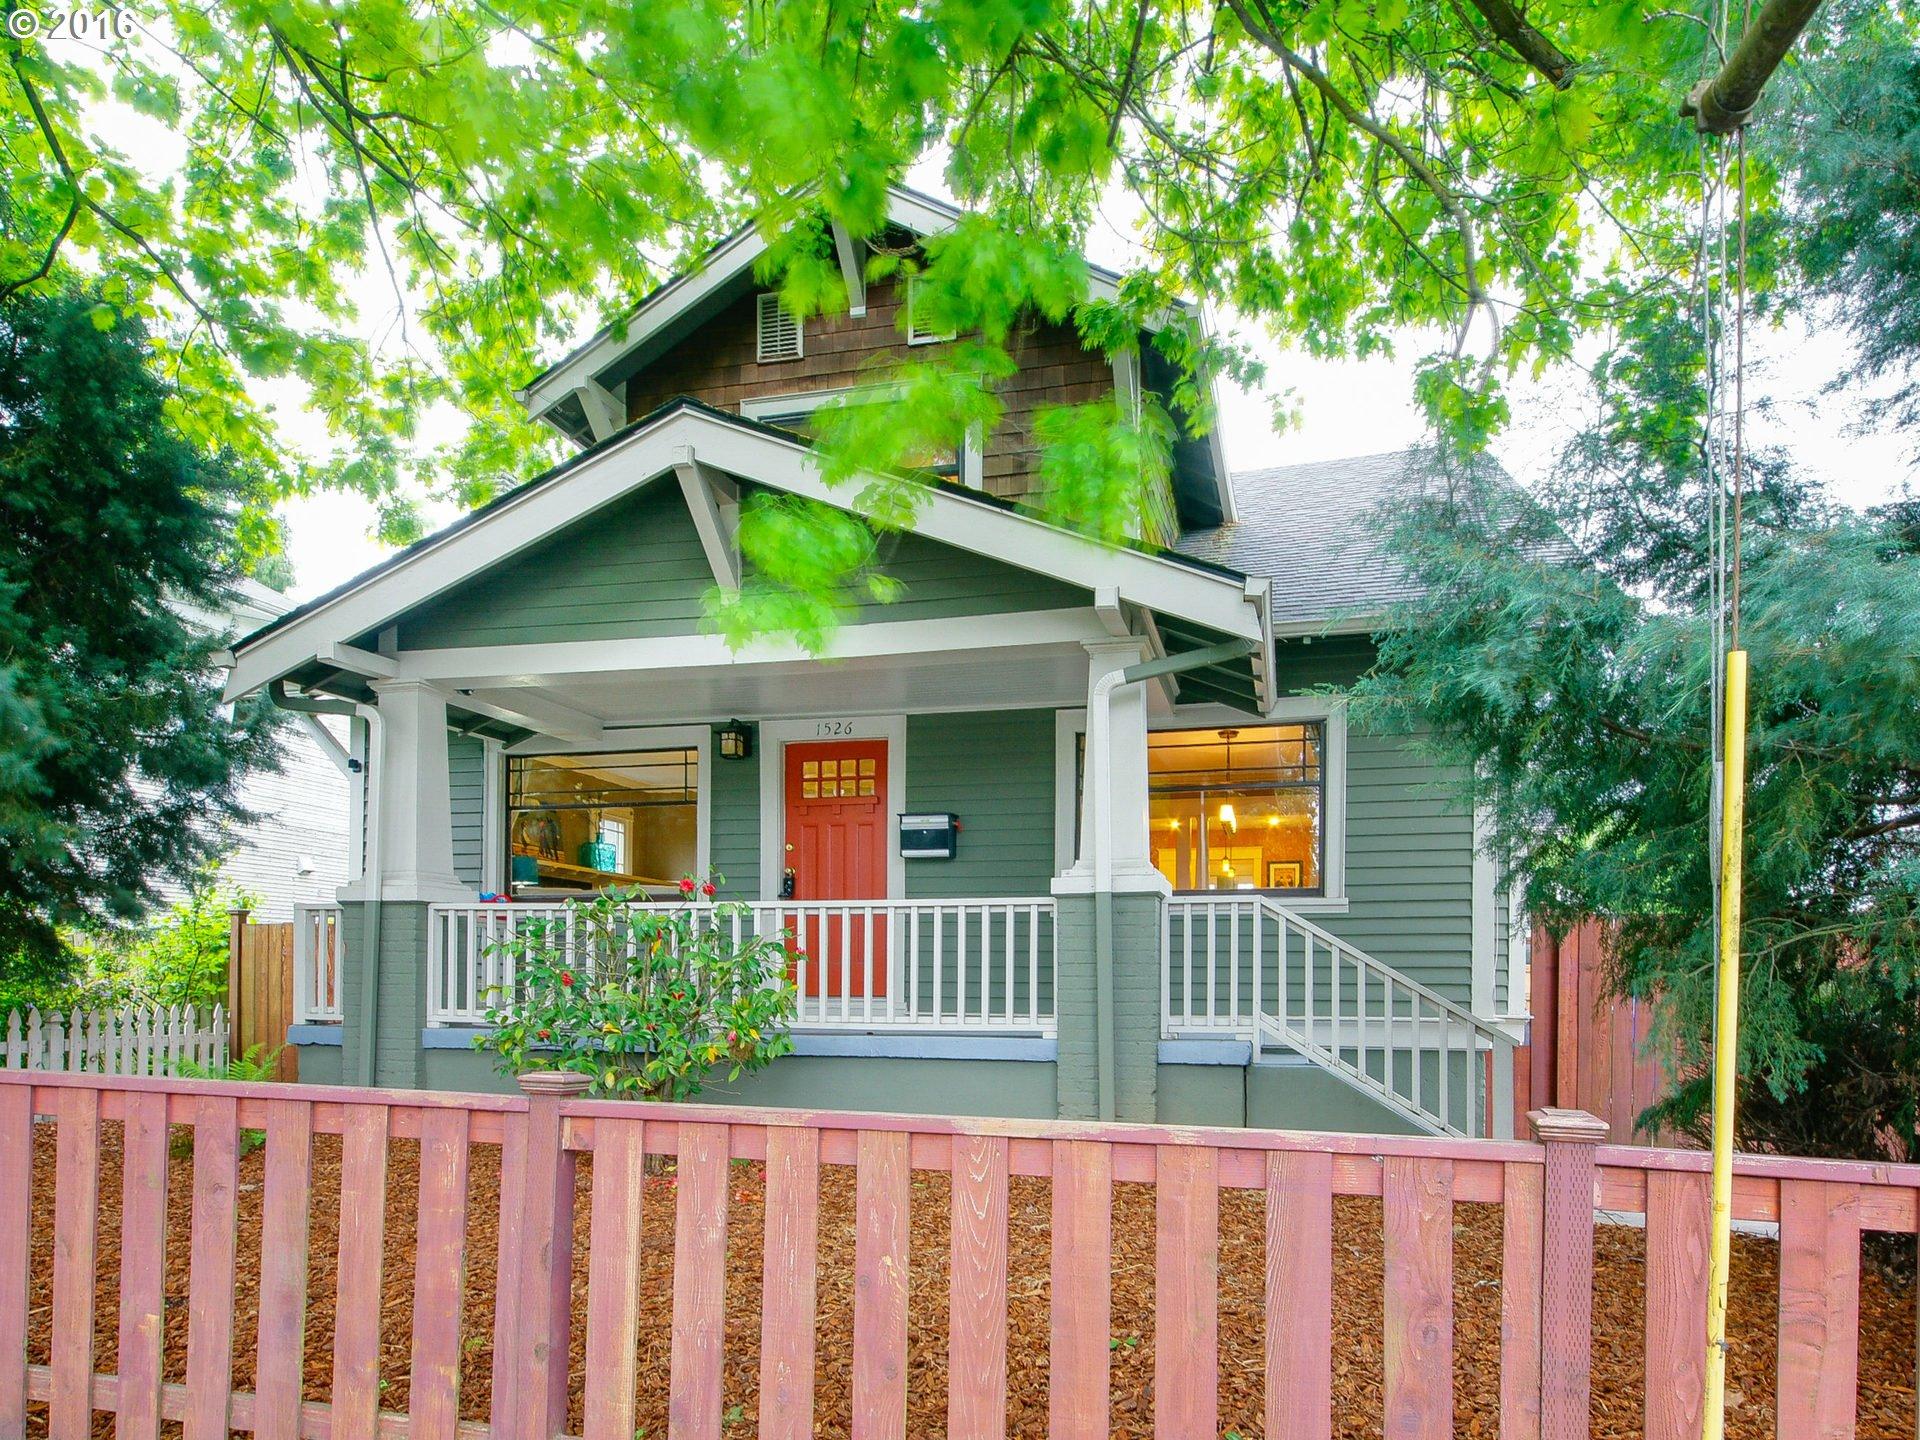 1526 NE Prescott St, Portland, OR